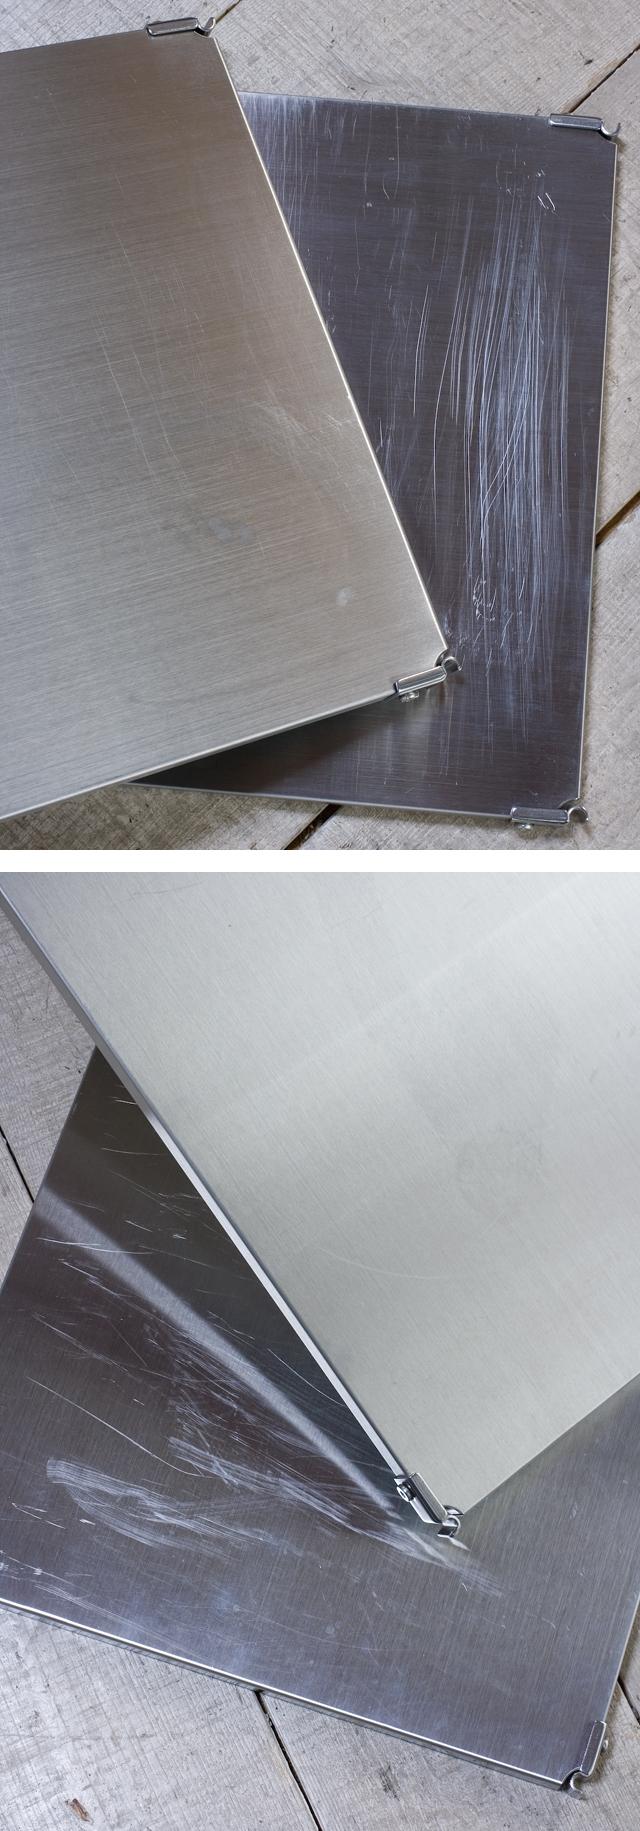 無印良品「ステンレスユニットシェルフ・ステンレス棚4段セット」-08